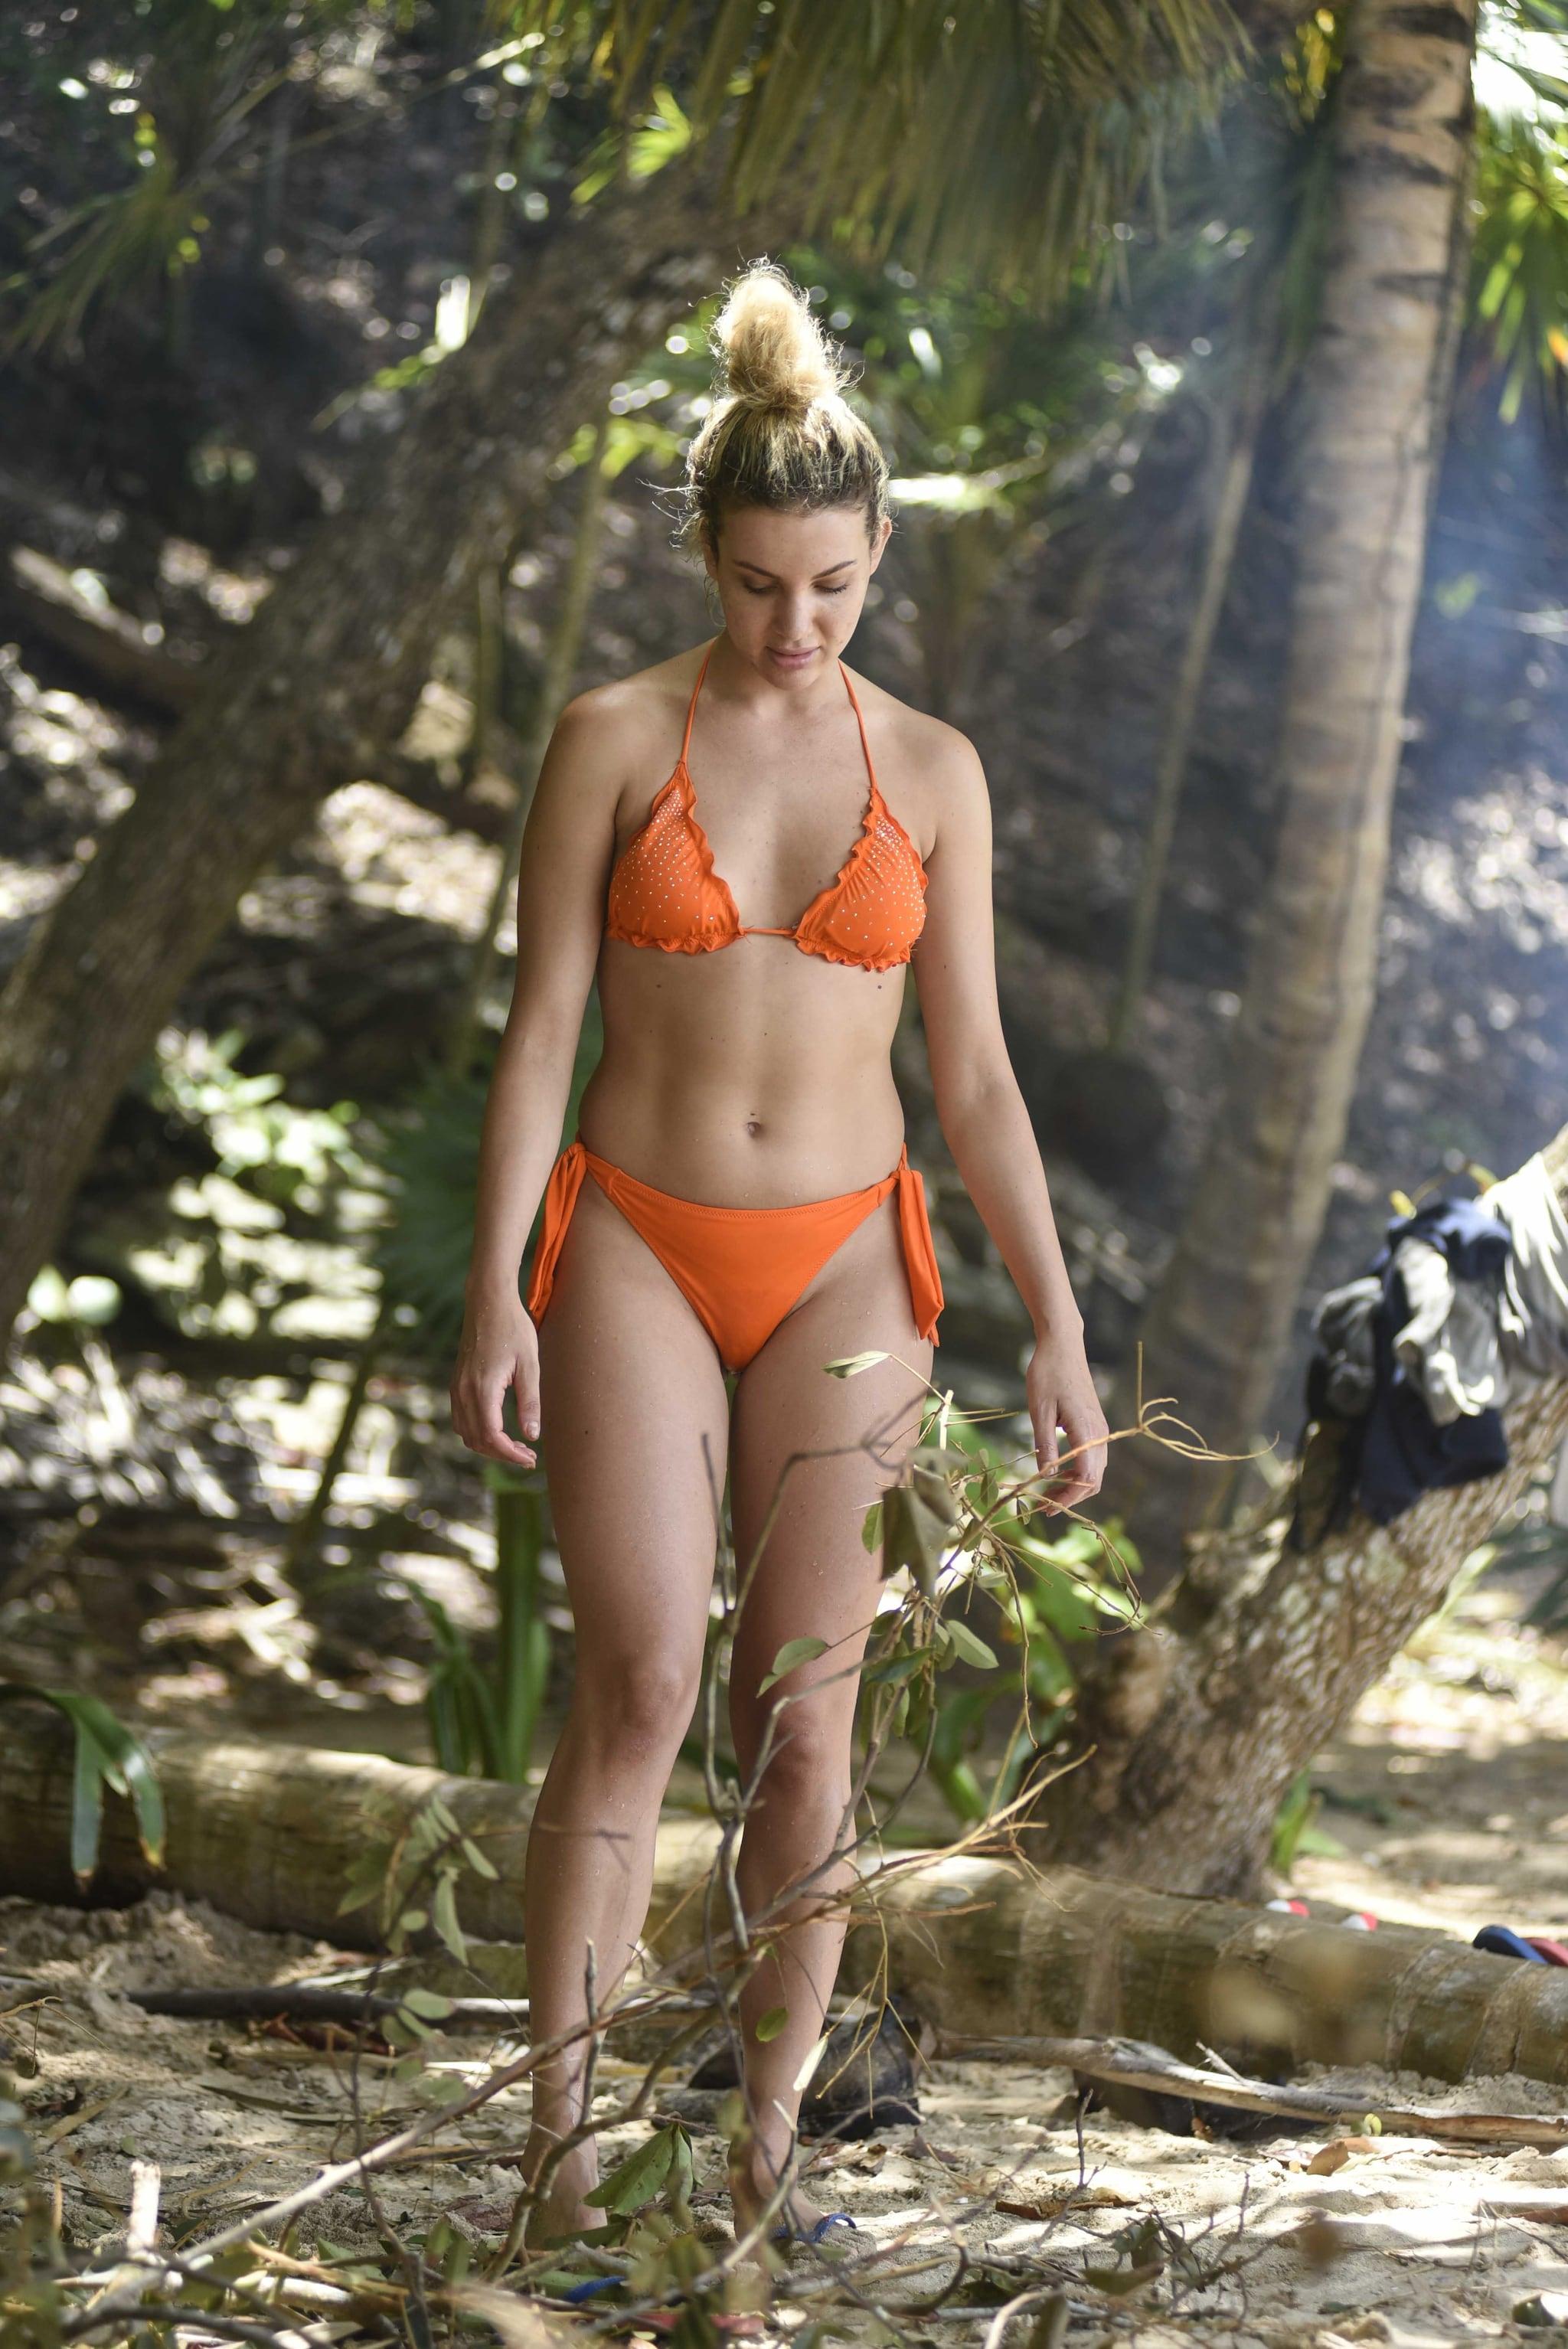 Miryea Stabile col bikini arancione